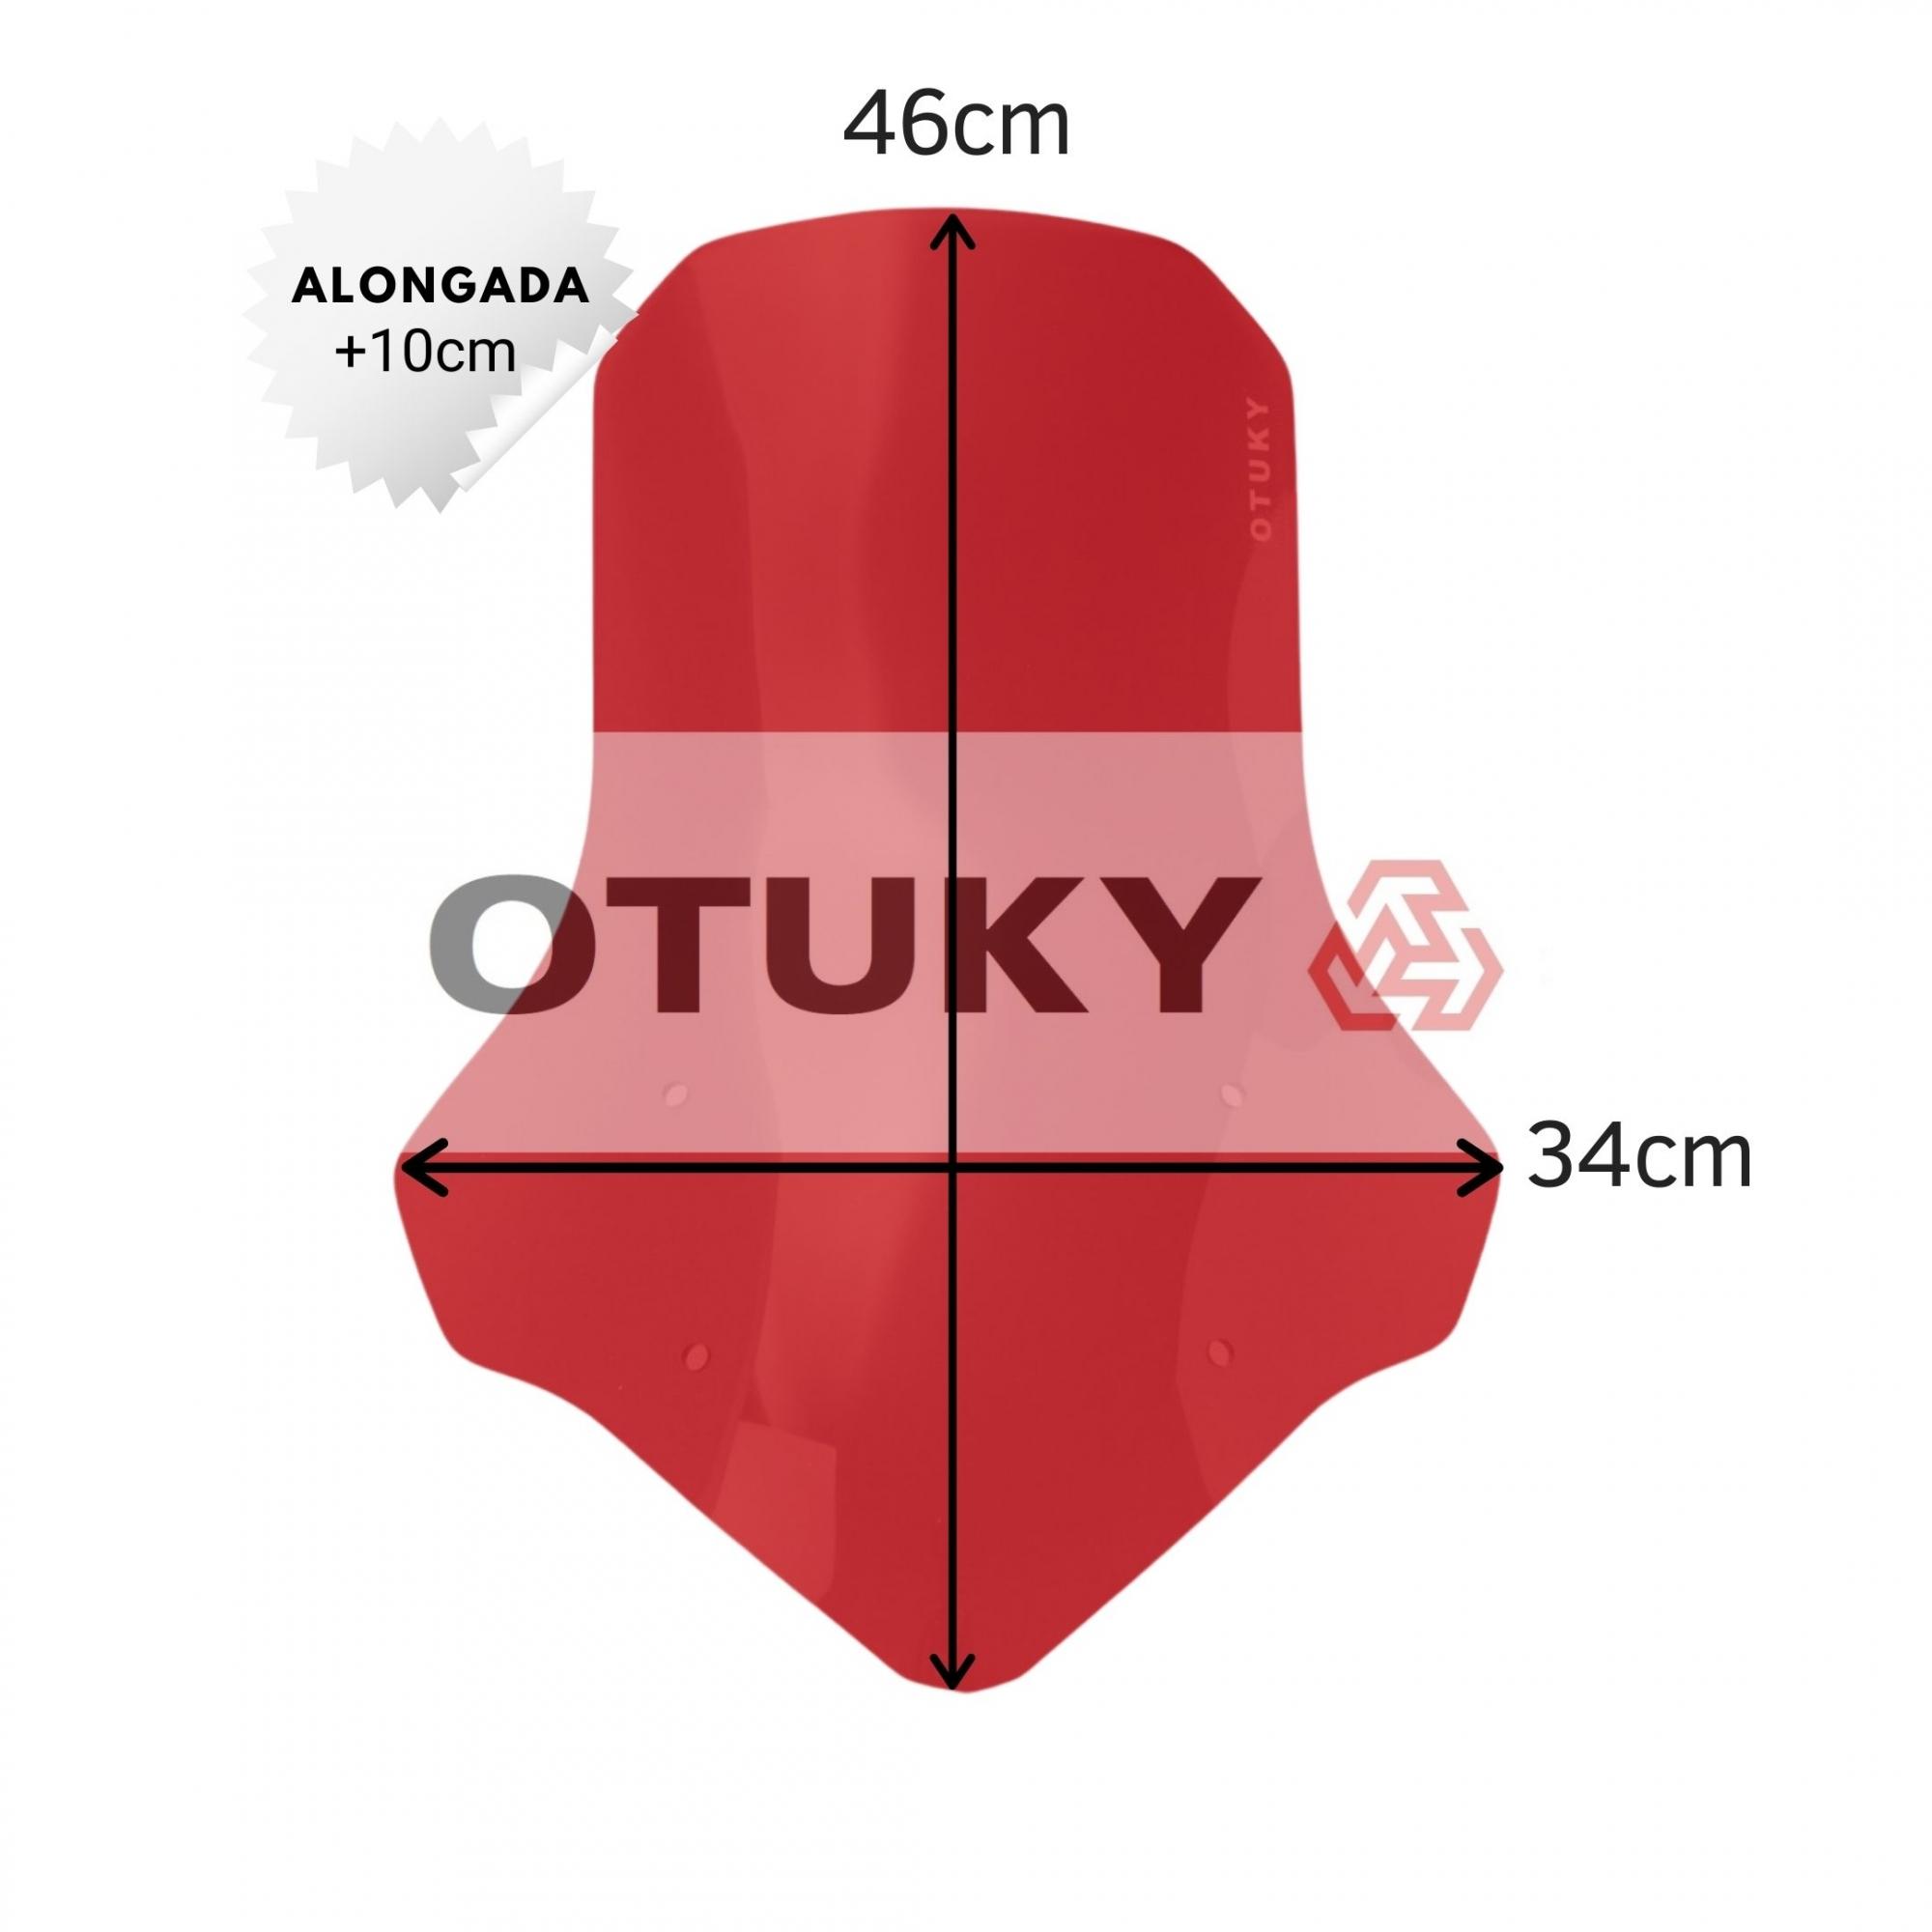 Bolha para Moto Ténéré 250 Xtz 2011 2012 2013 2014 2015 2016 2017 2018 Otuky Alongada 46cm Vermelho